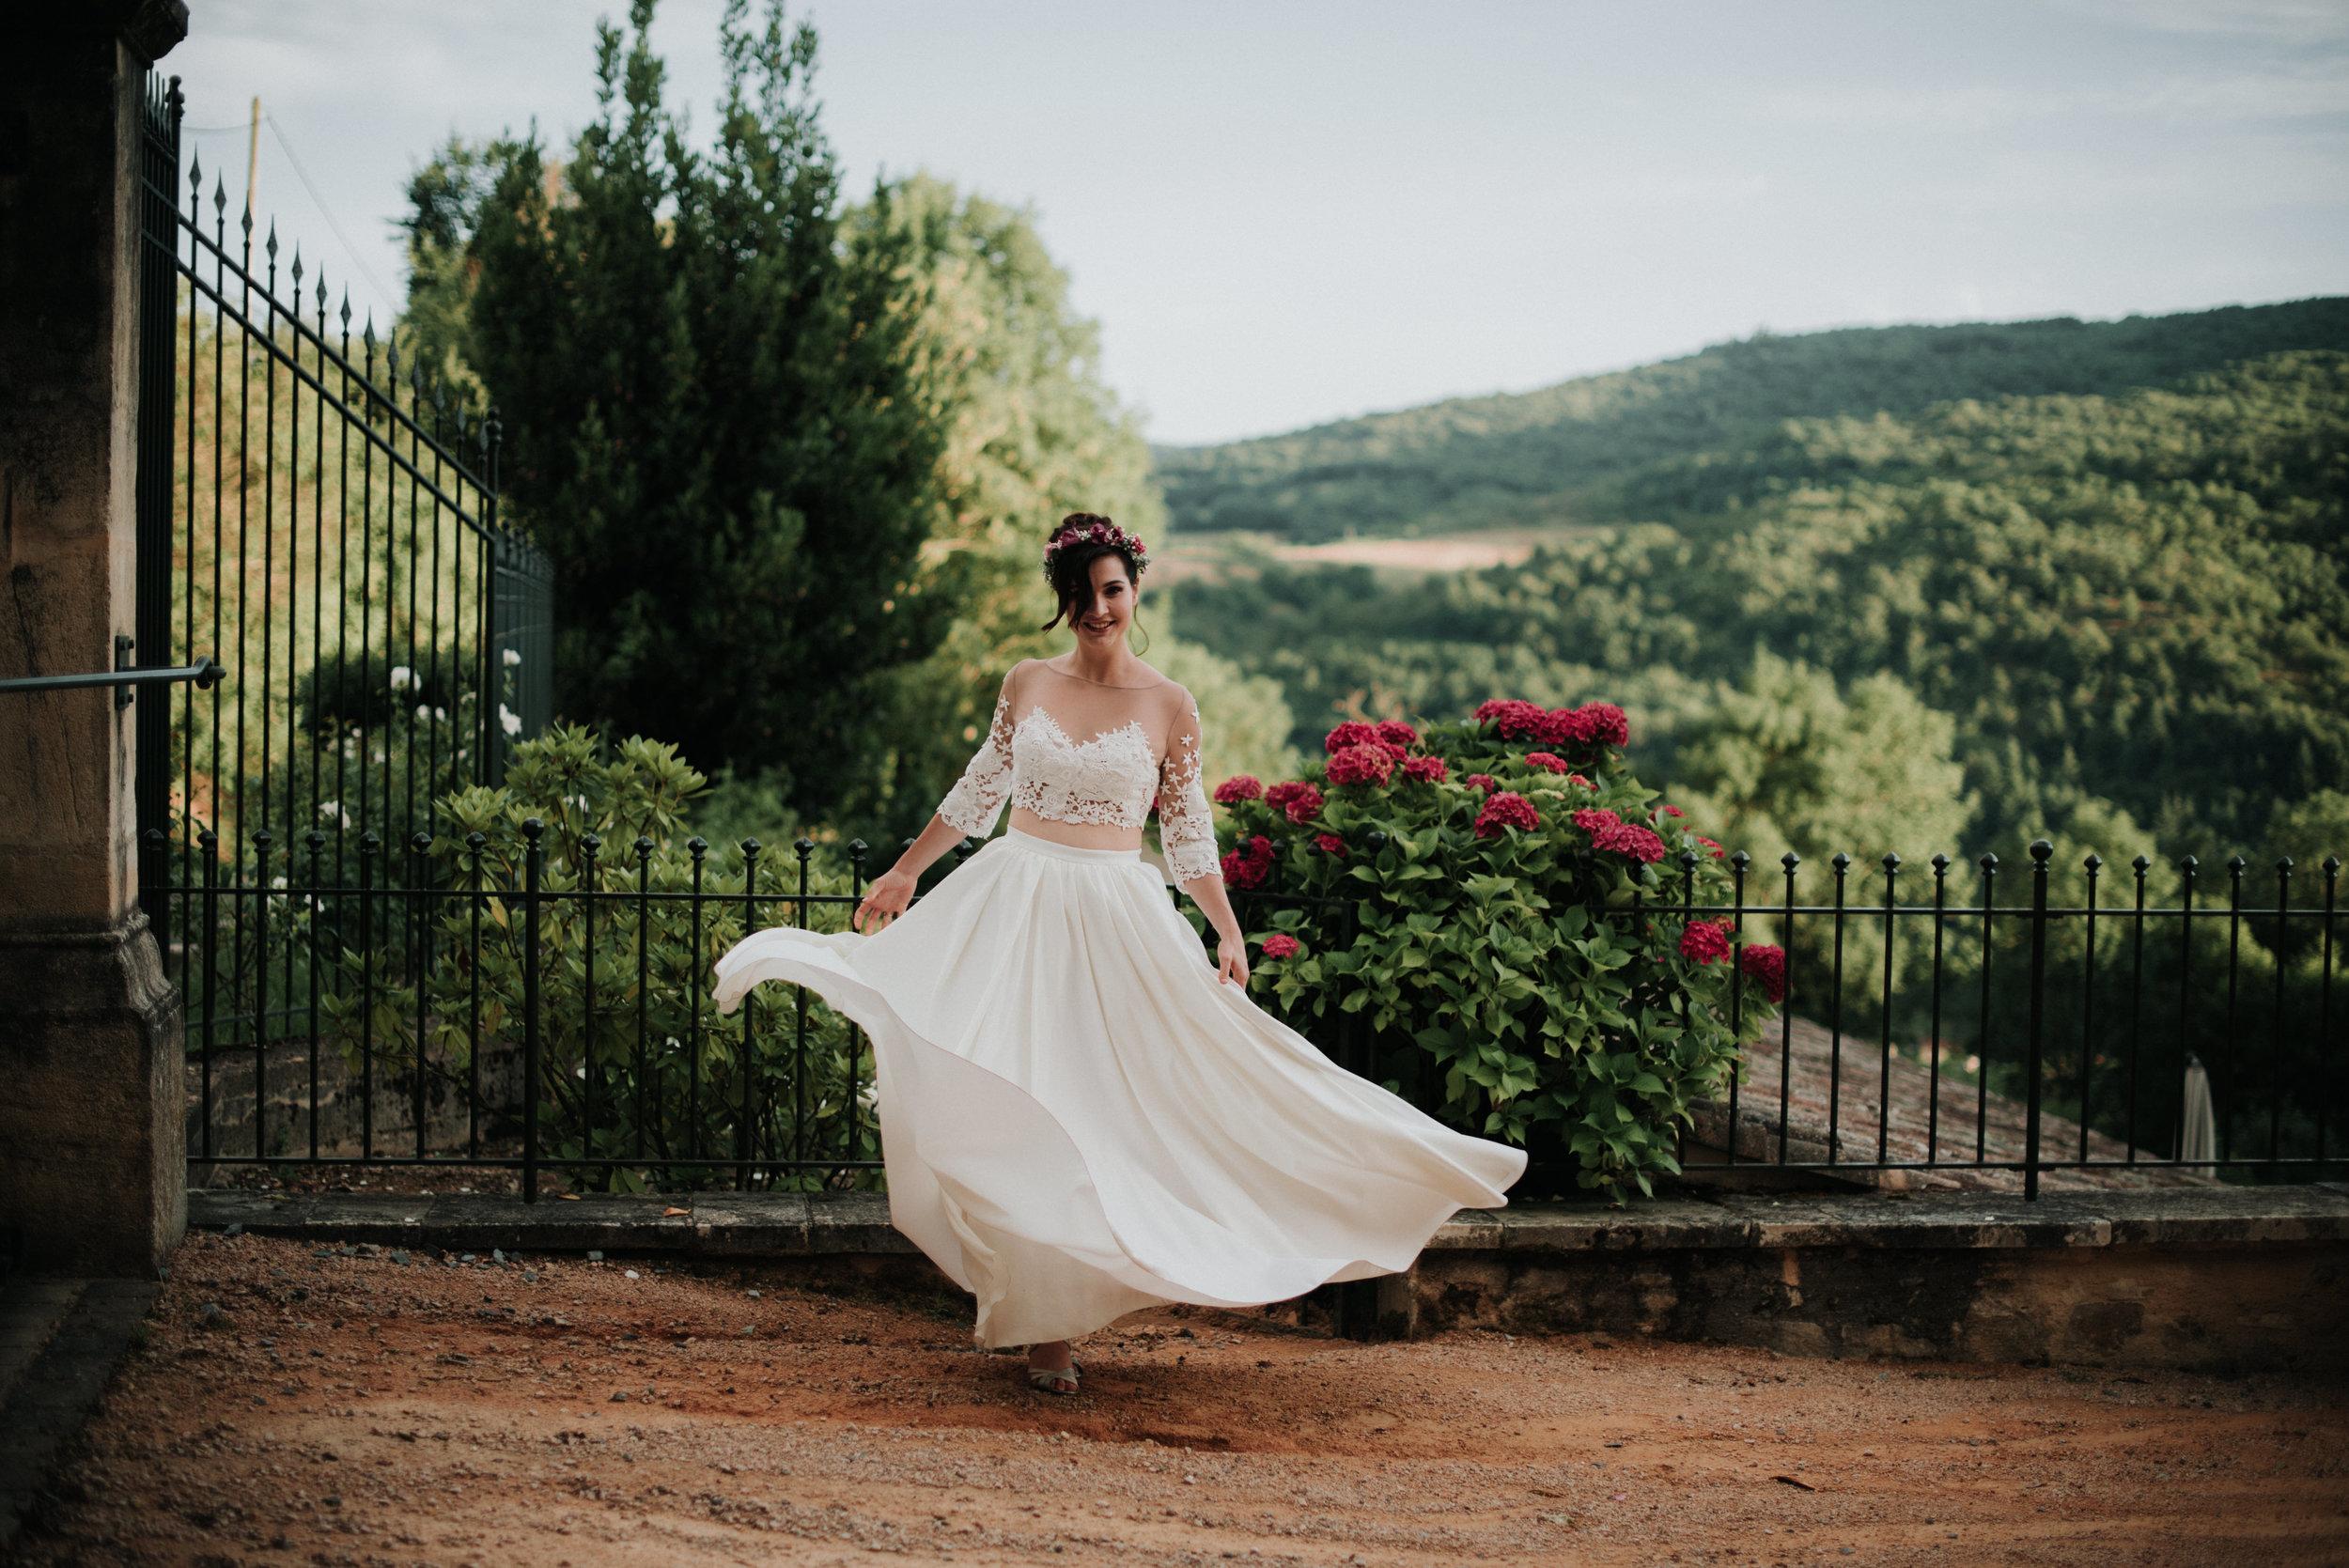 Léa-Fery-photographe-professionnel-lyon-rhone-alpes-portrait-creation-mariage-evenement-evenementiel-famille-9624.jpg